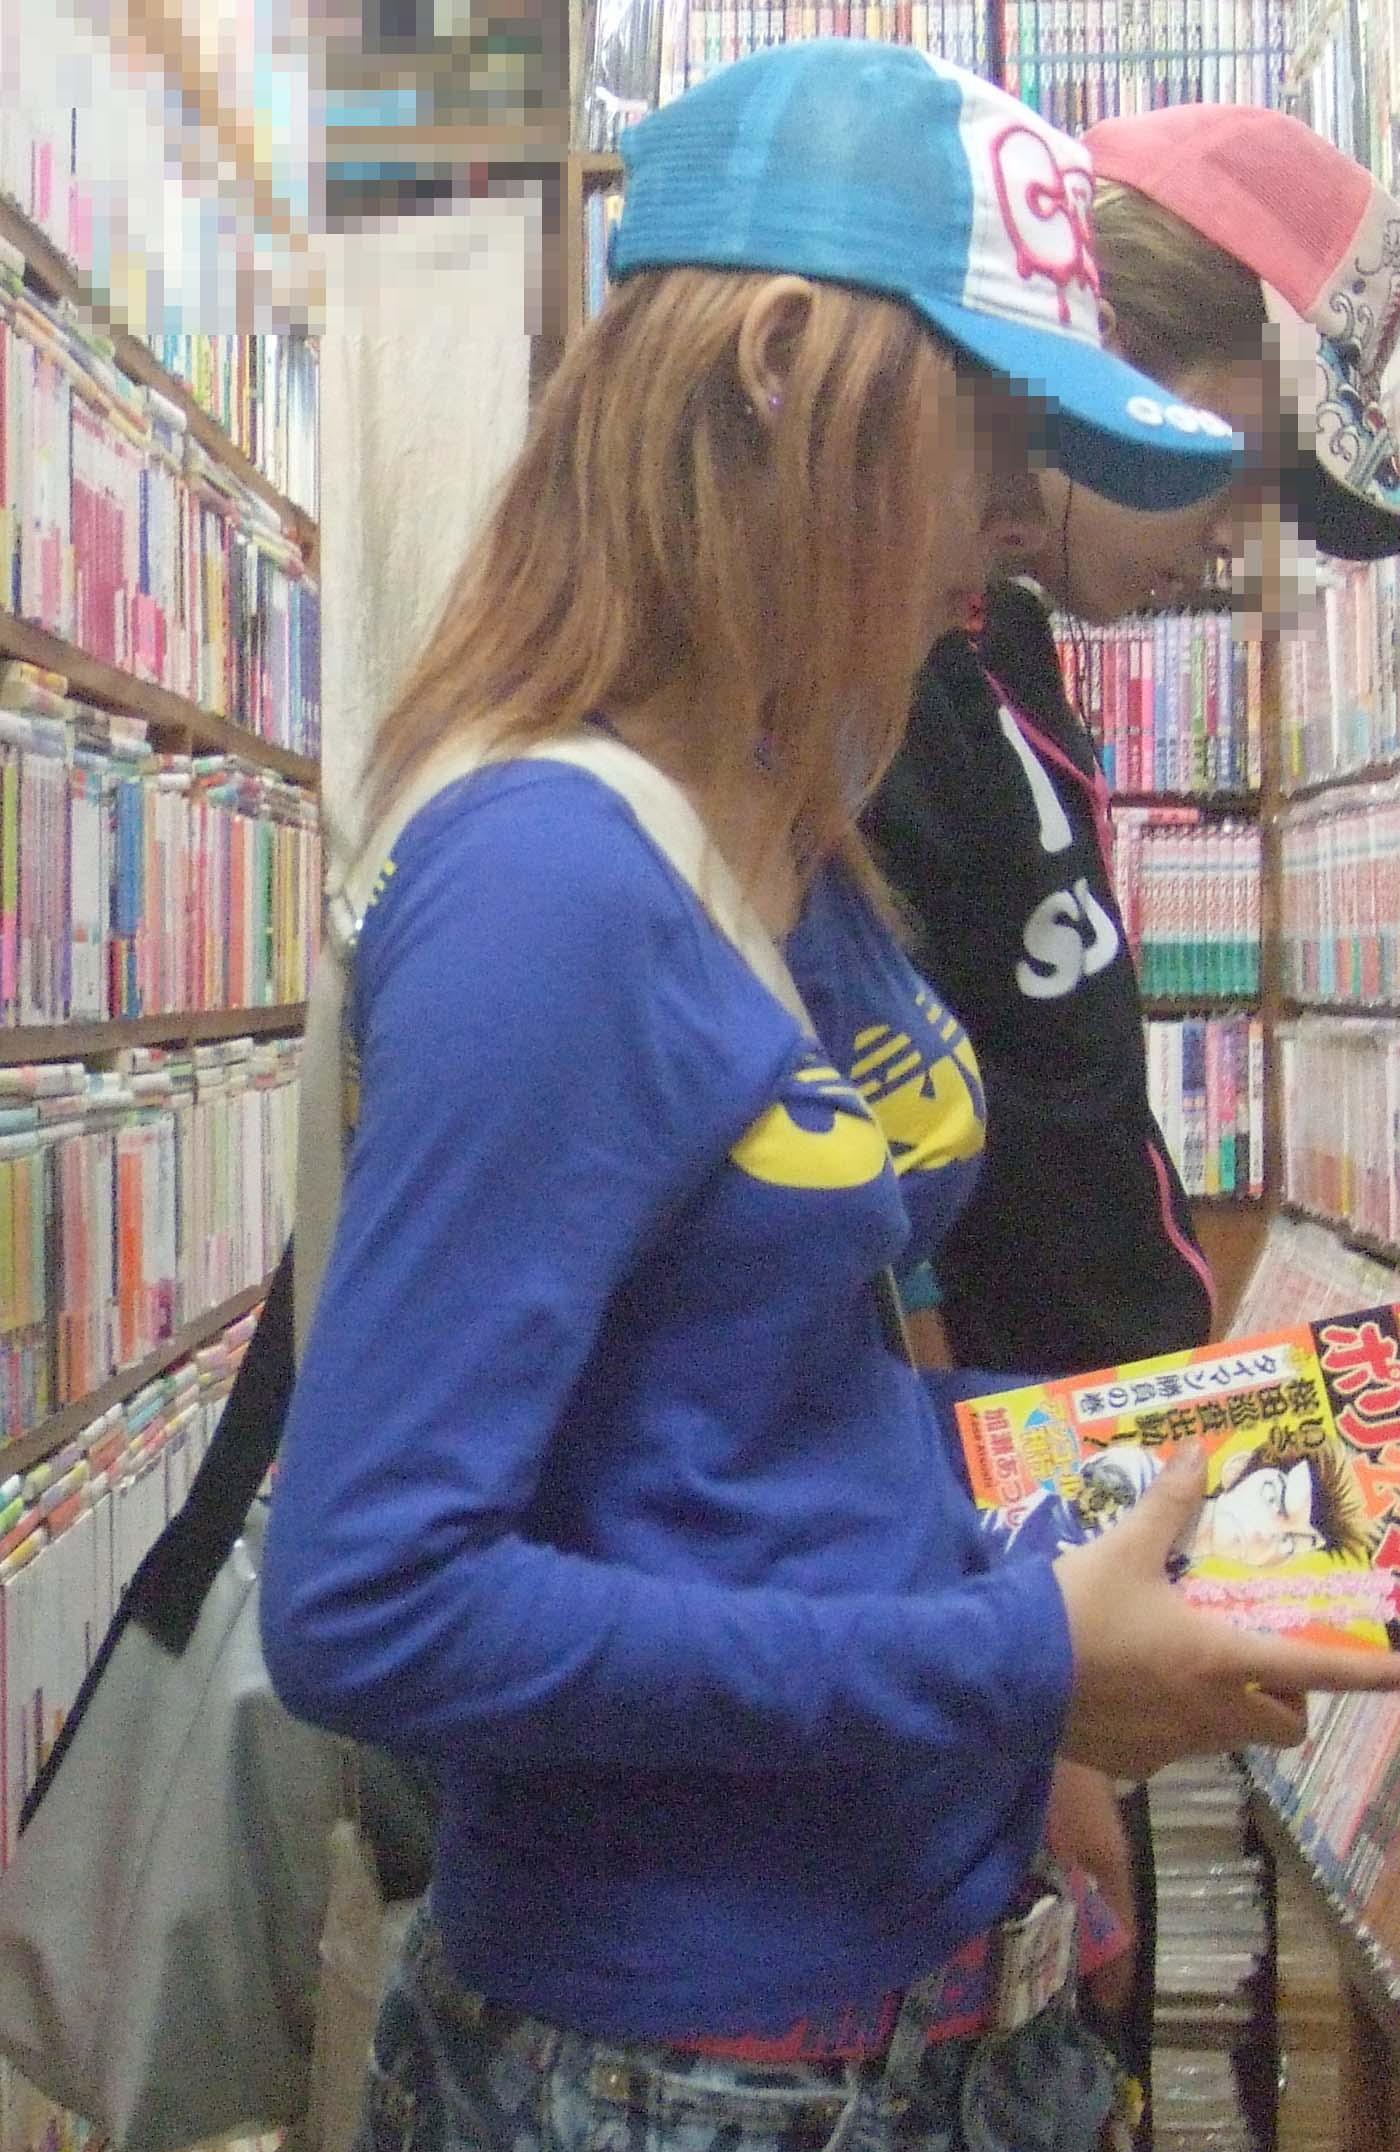 書店でパイスラ女性を見つけ横アングル撮影!